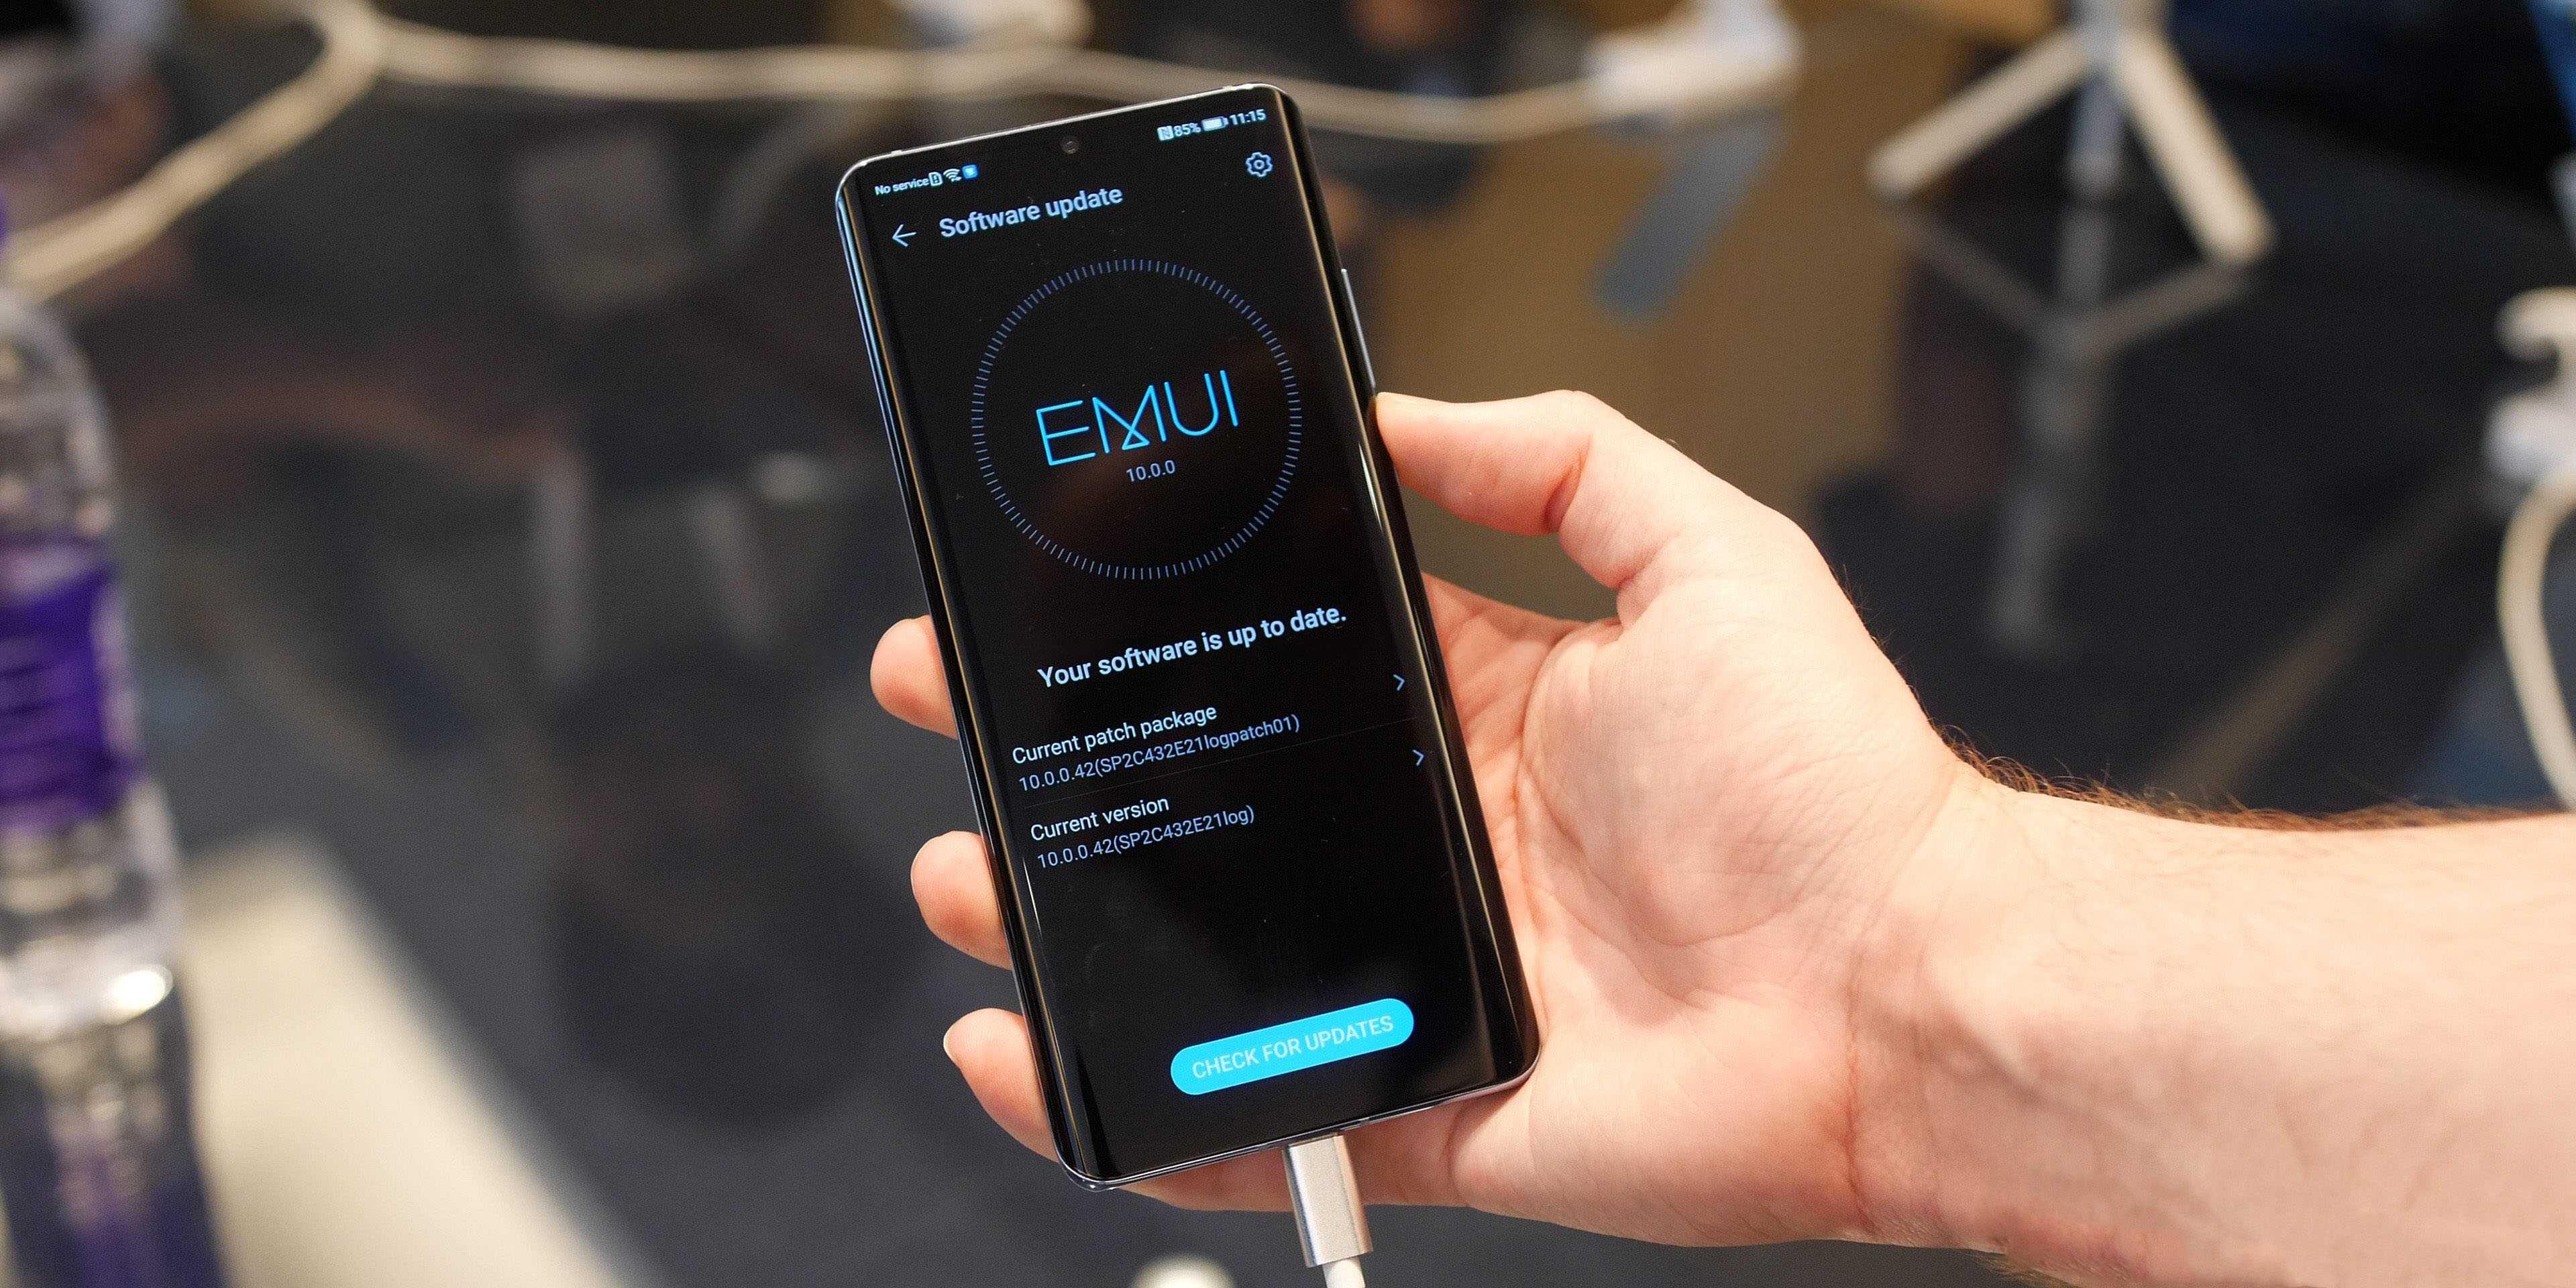 У каких смартфонов нет проблем с обновлениями android